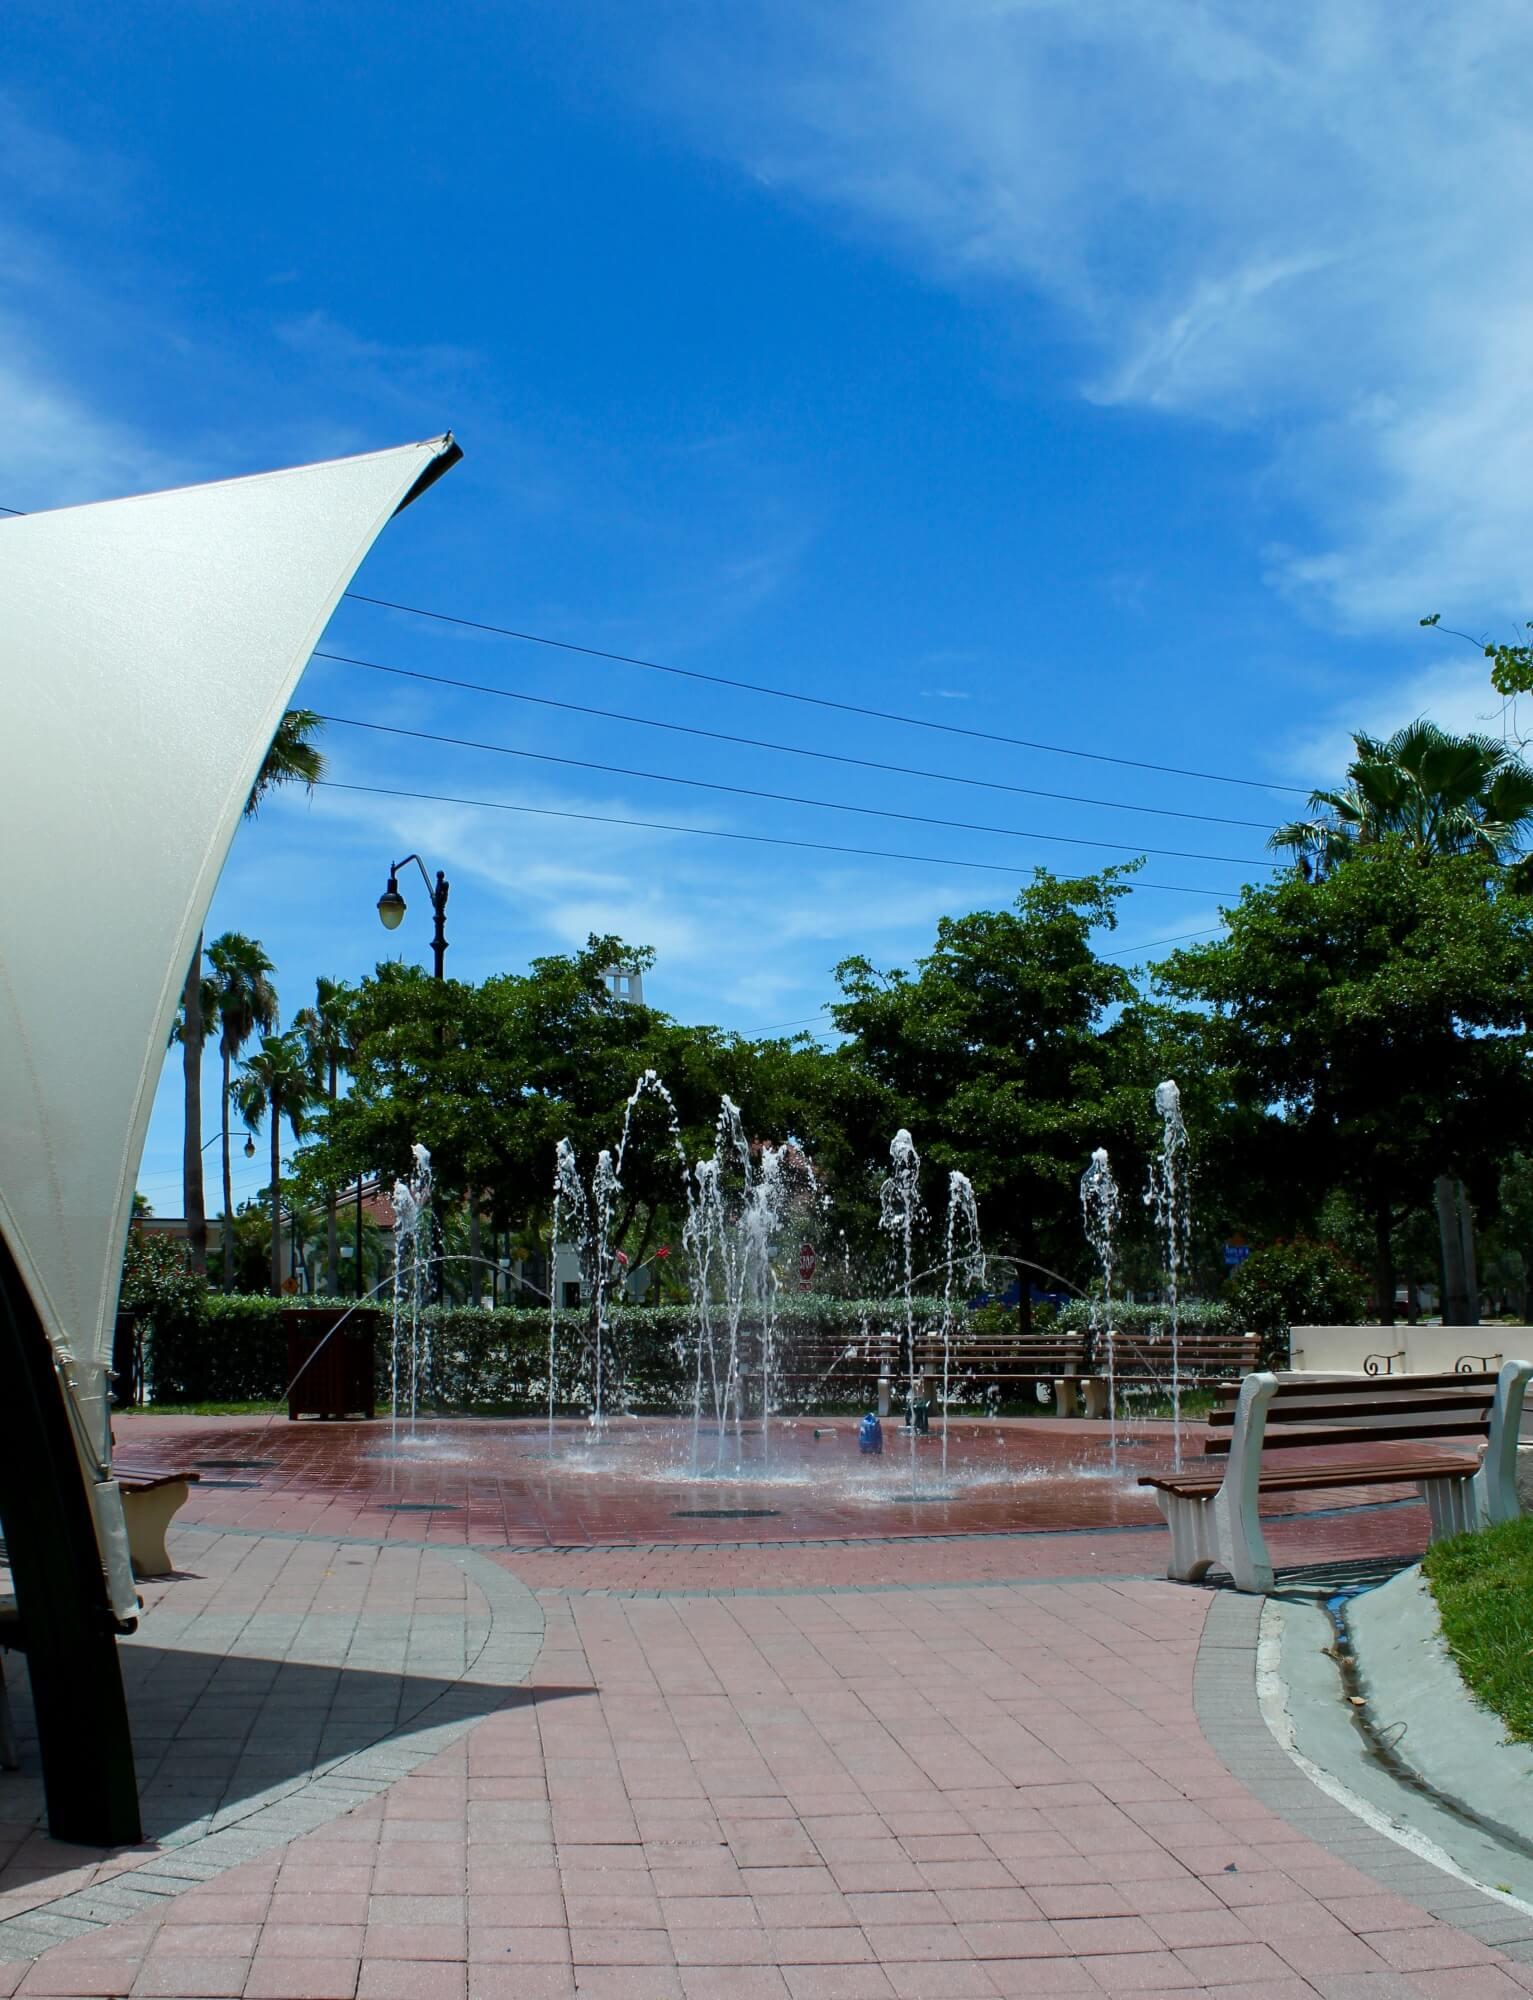 MustDo.com | Kids splash fountain Centennial Park Venice, Florida